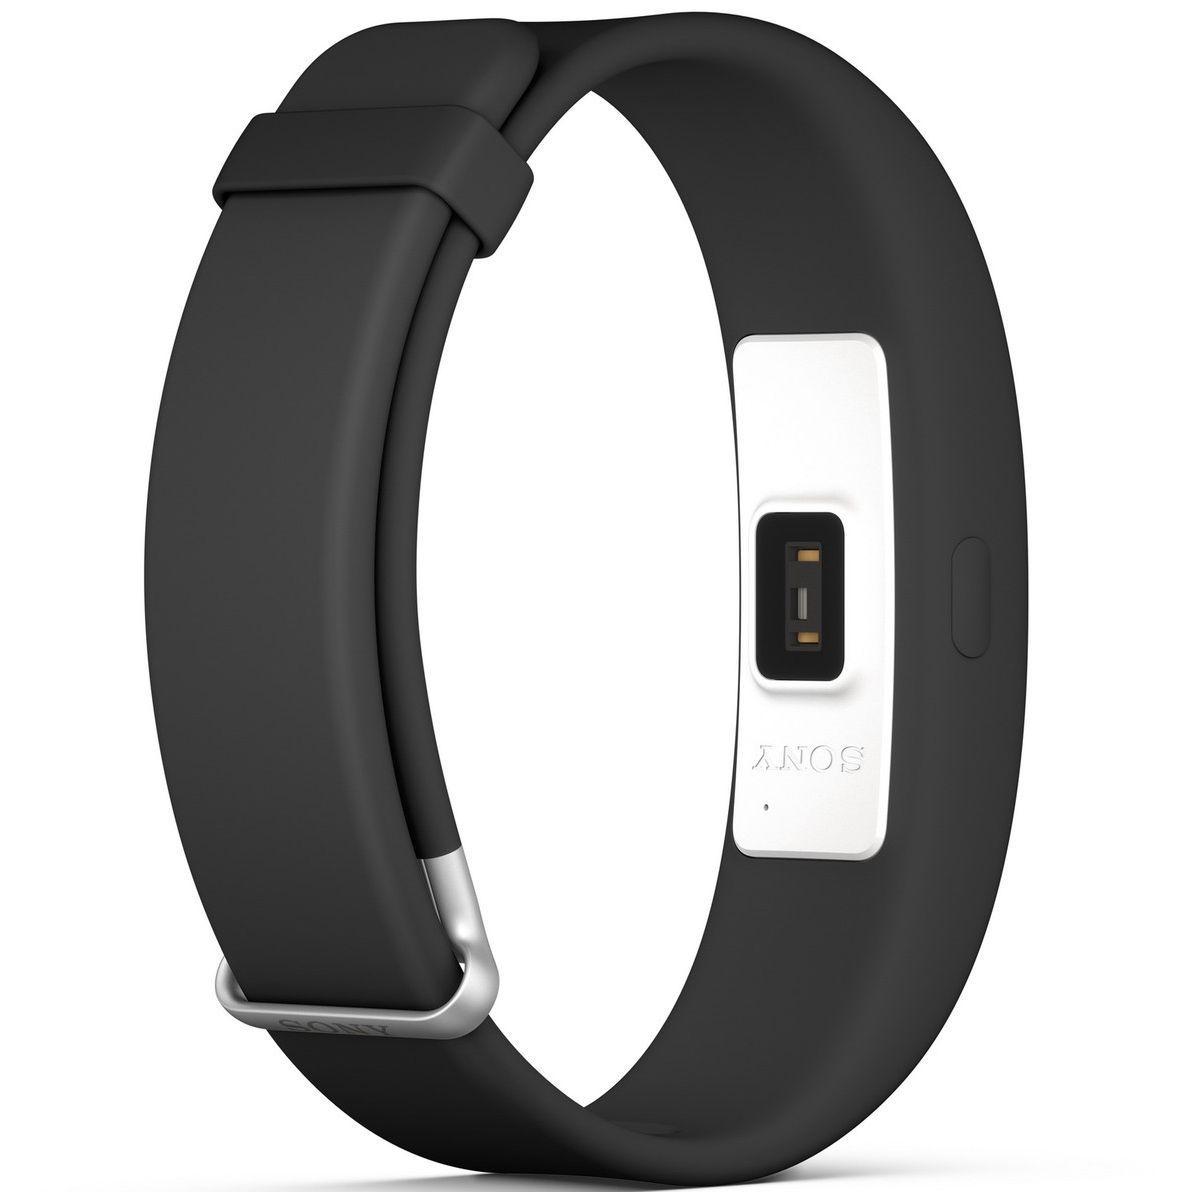 Montre sony smartband 2 noir - 7% de remise immédiate avec le code : cool7 (photo)